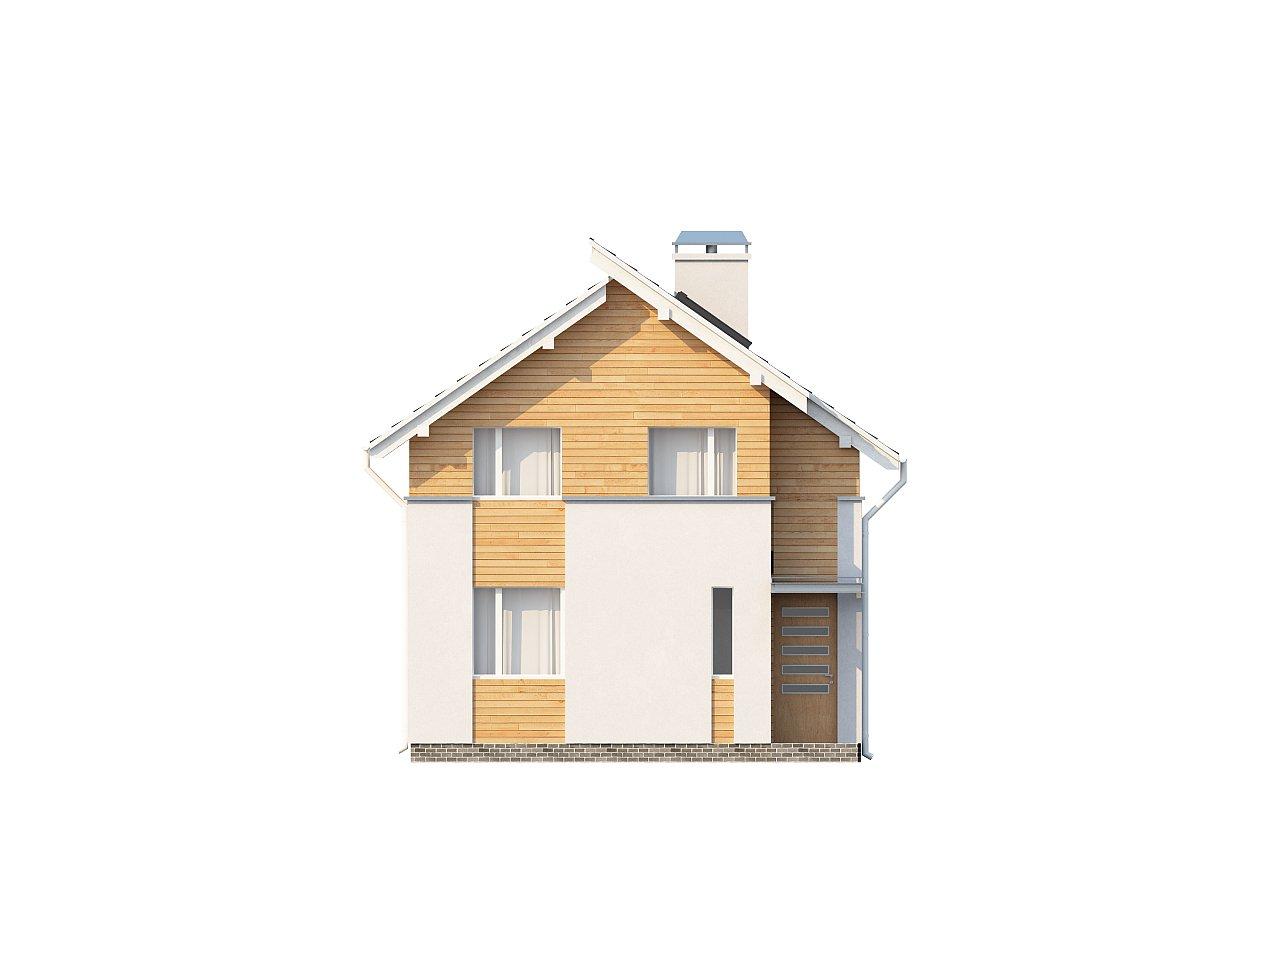 Энергоэффективный и удобный дом с современными элементами отделки фасадов. Подходит для узкого участка. - фото 3